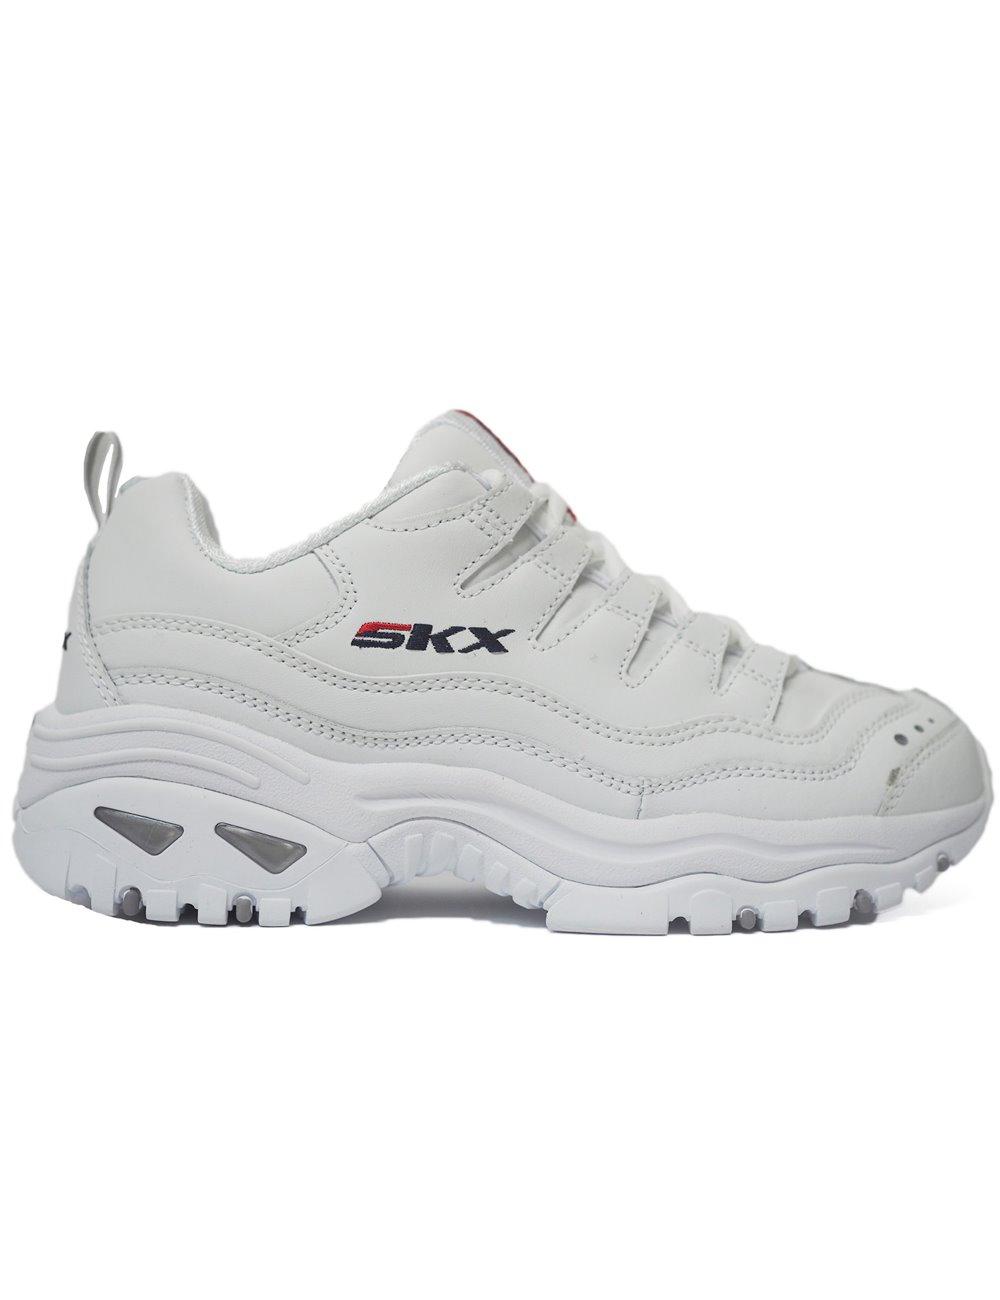 zapatillas Skechers blancas